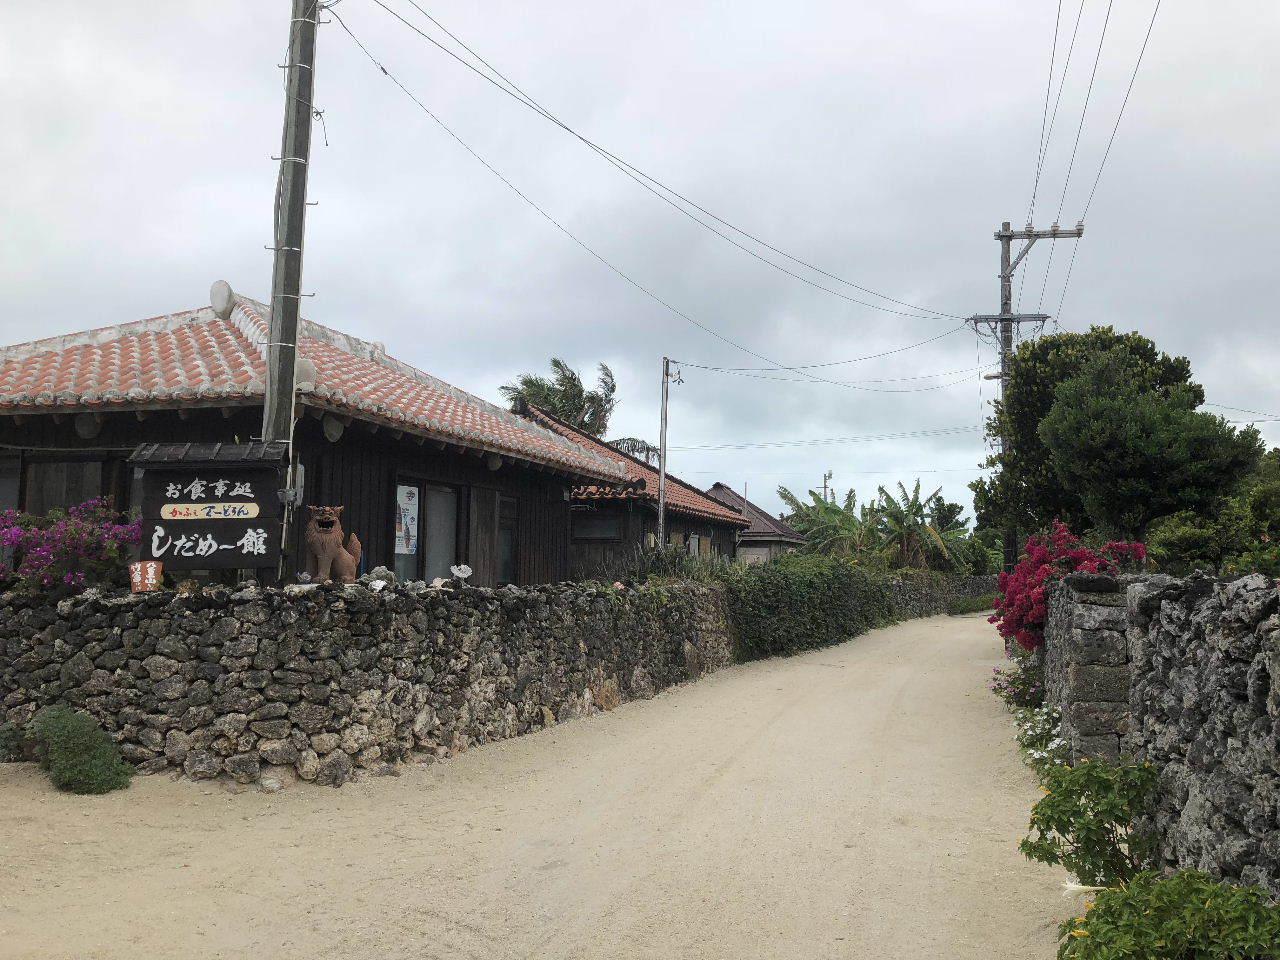 竹富島観光  水牛車でのんびり観光_c0011649_04341000.jpg